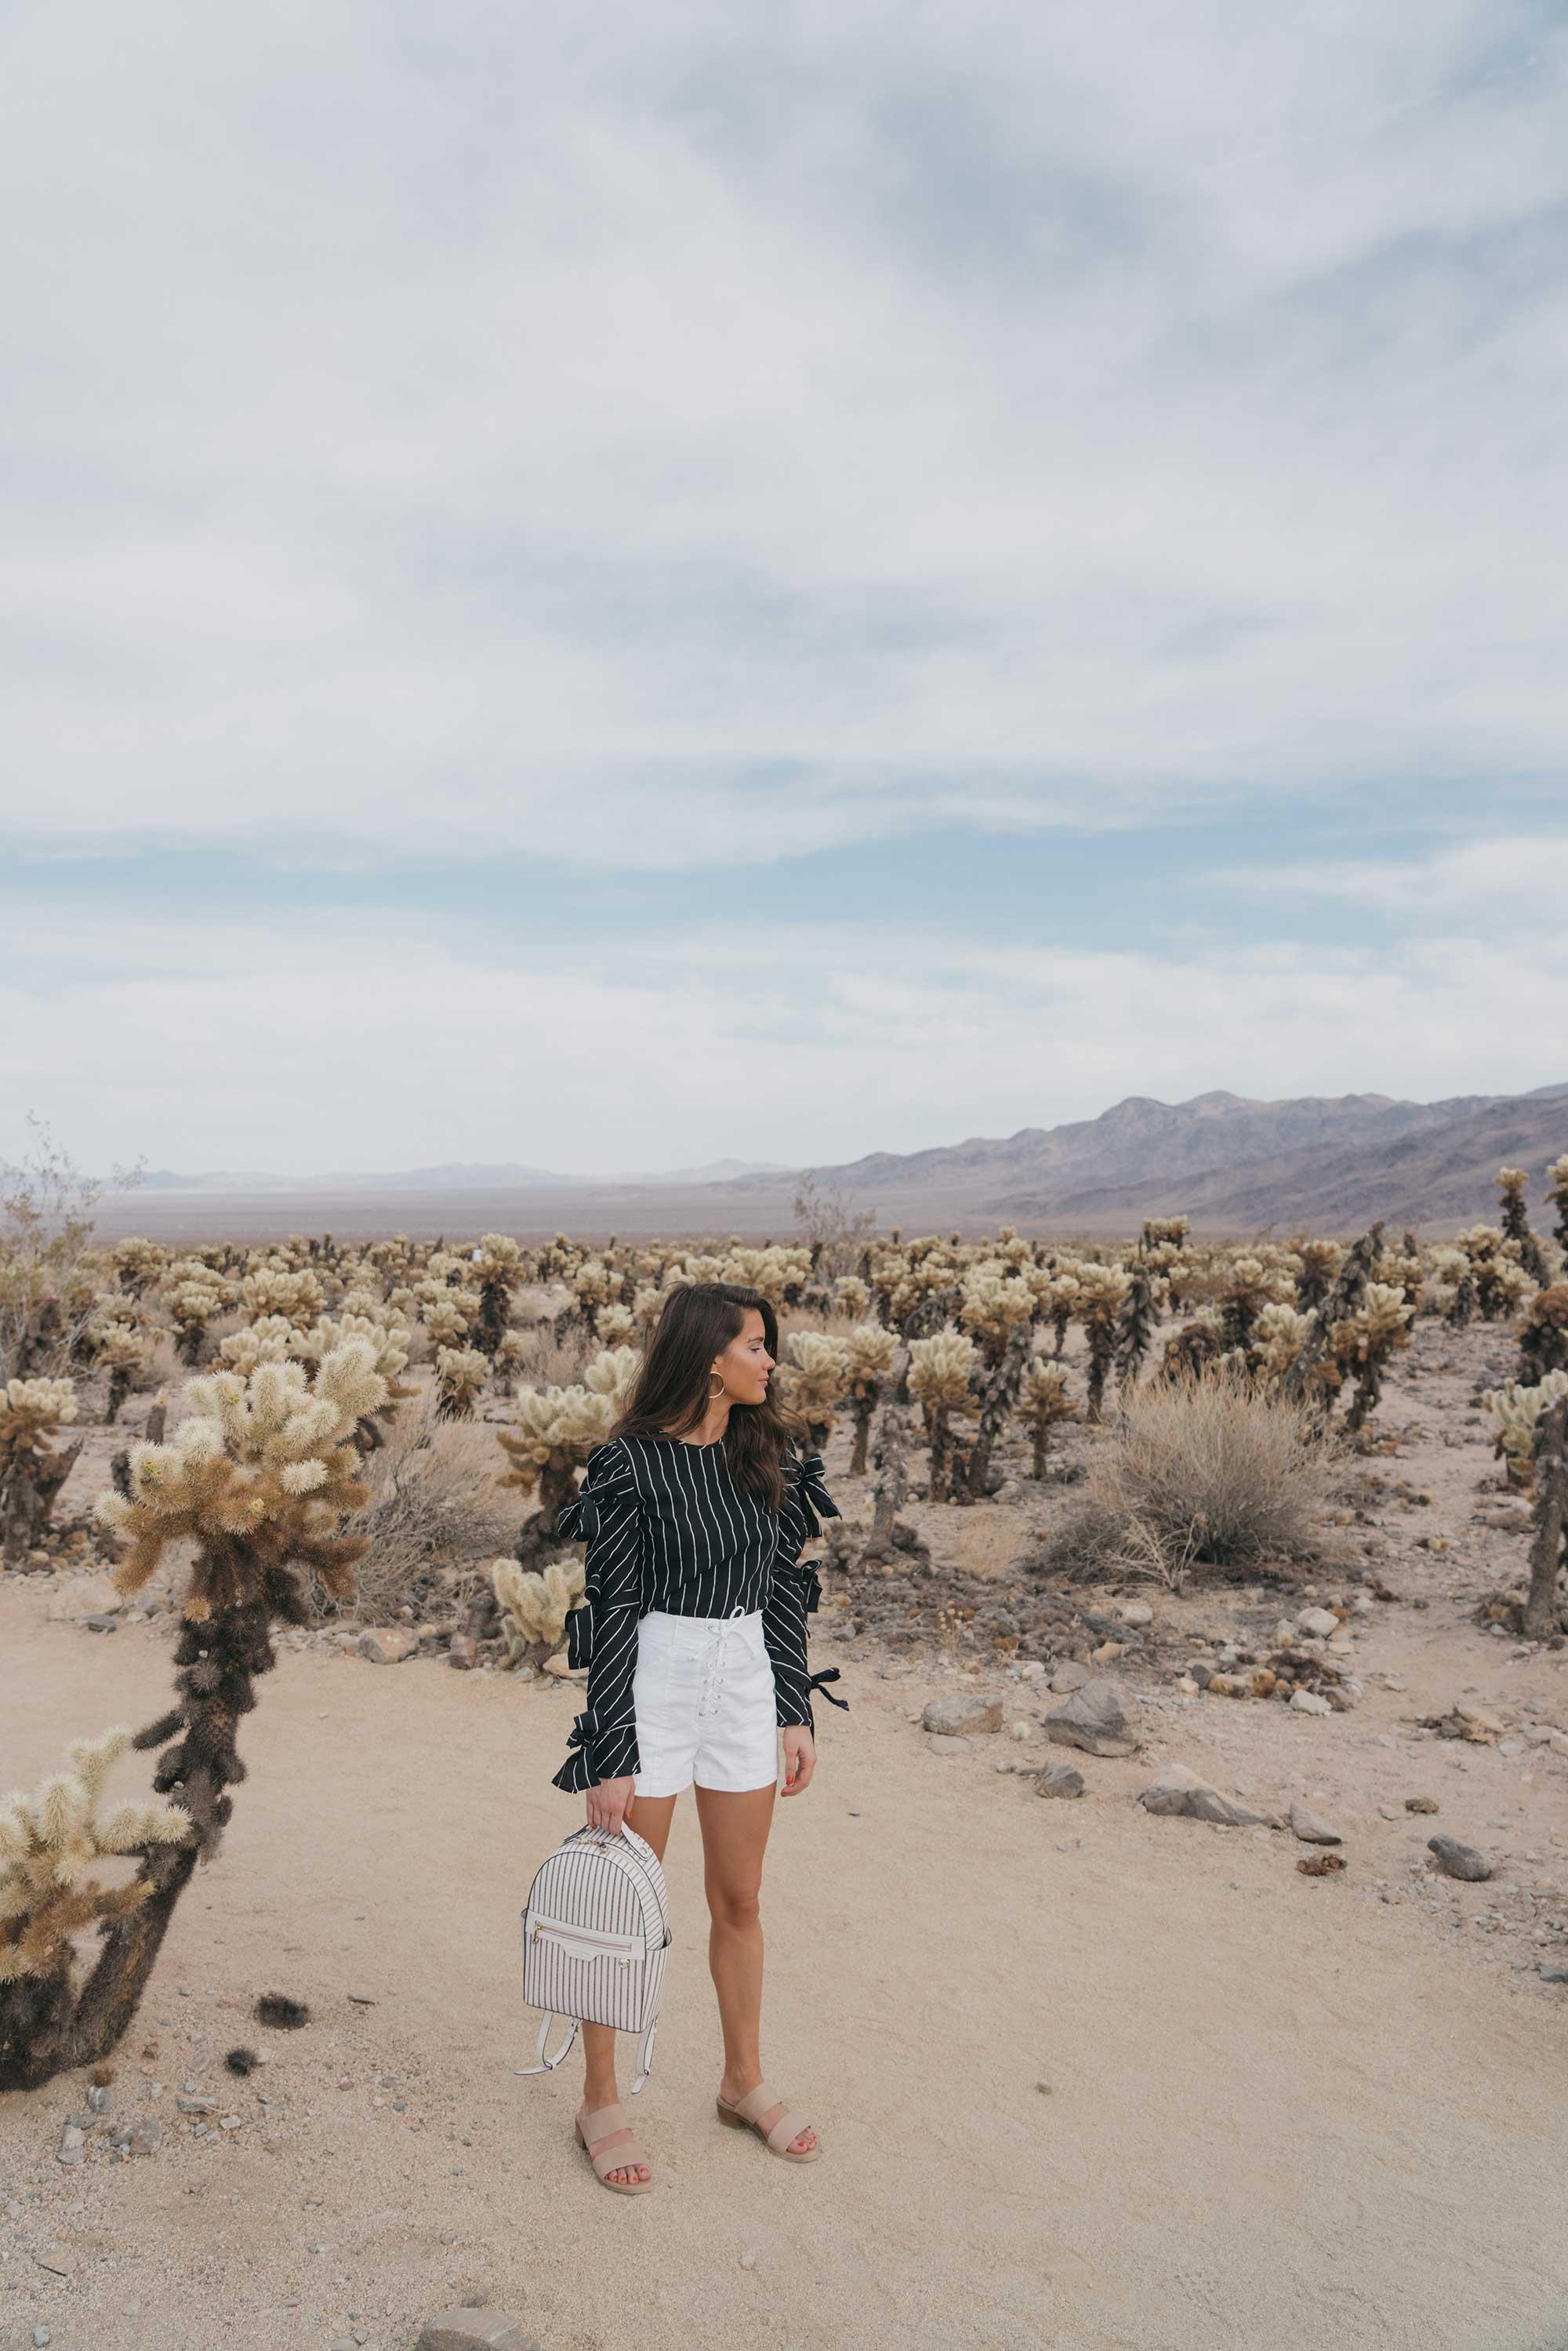 Henir Bendel WEST 57TH STRIPED BACKPACK festival outfit for Coachella Cholla Cactus Garden Joshua Tree Desert13.jpg